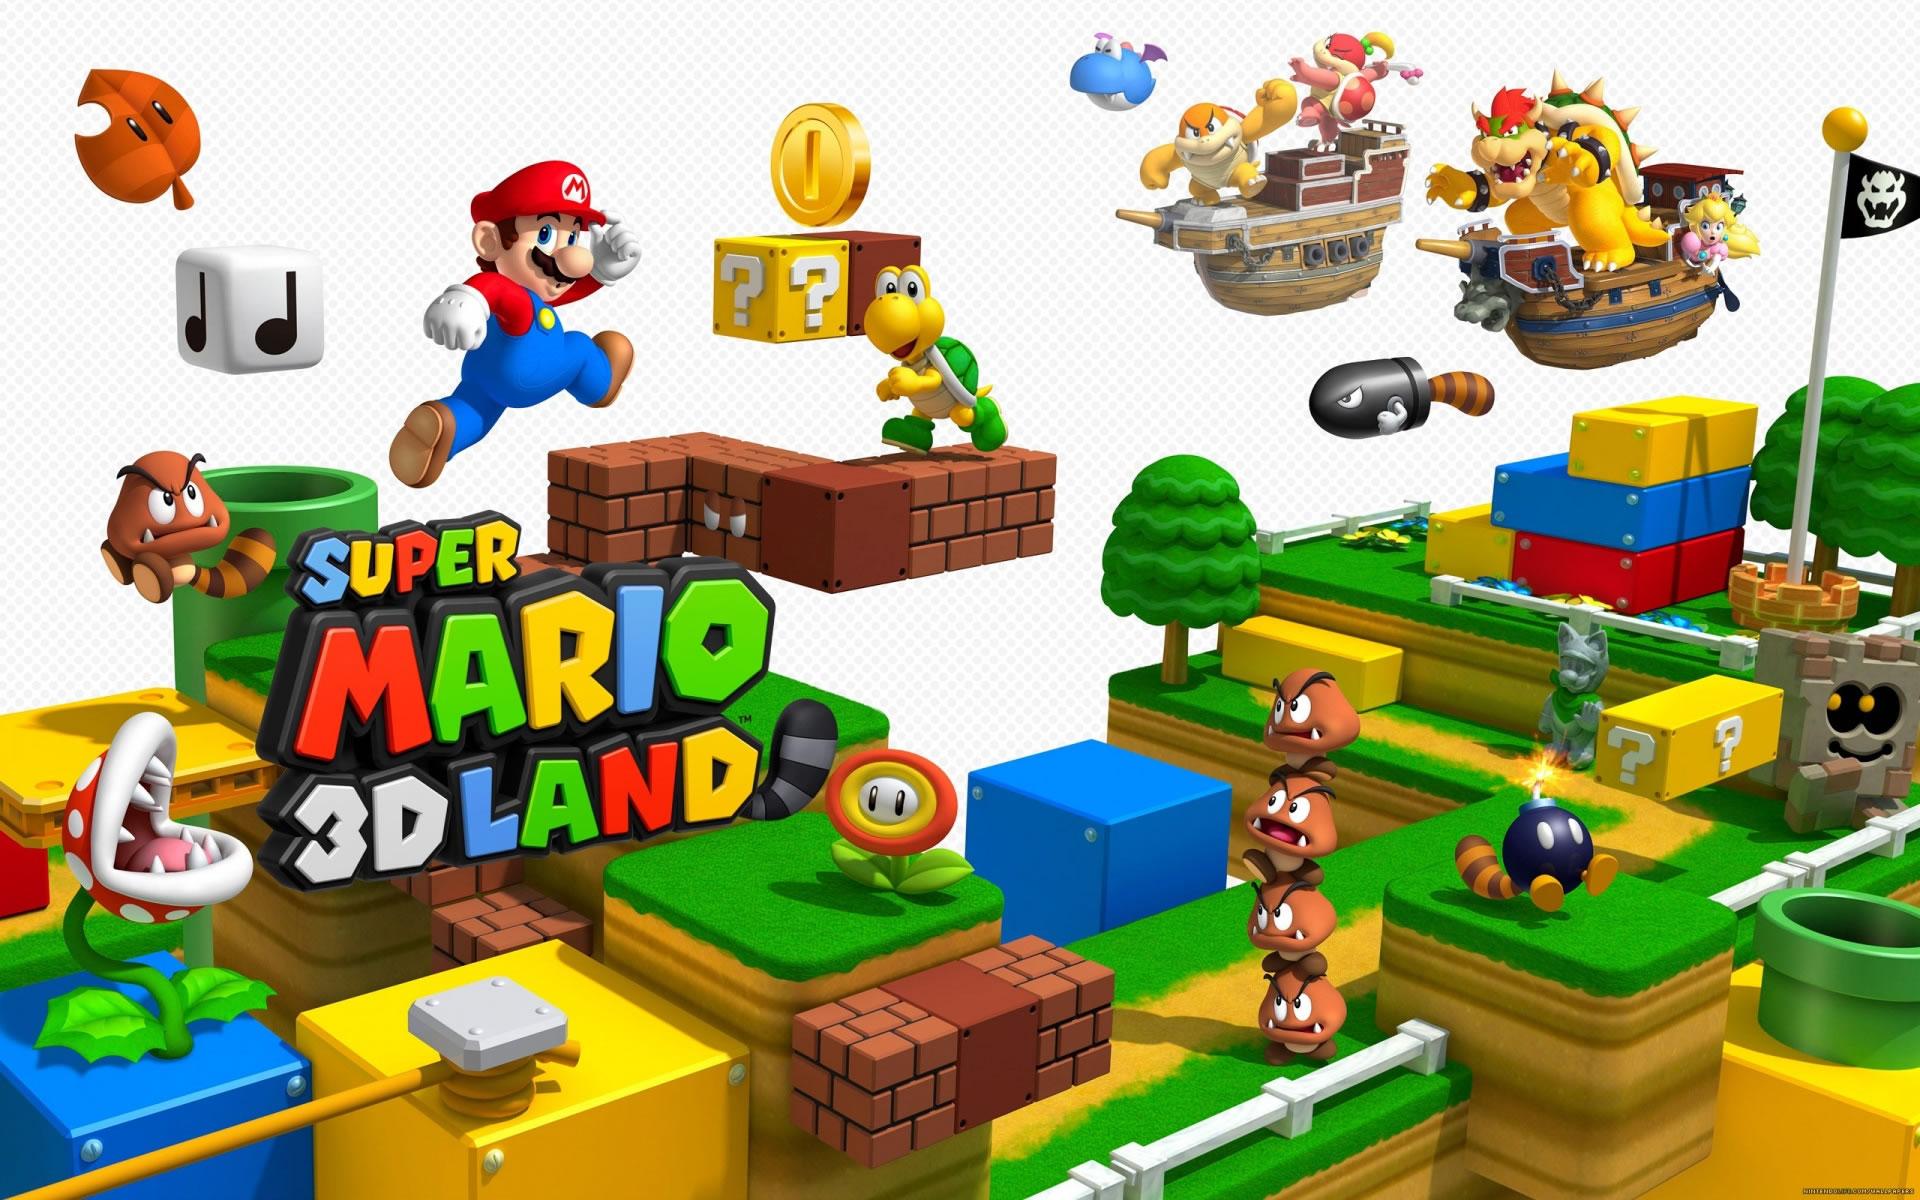 Wallpaper Super Mario Land 3D.